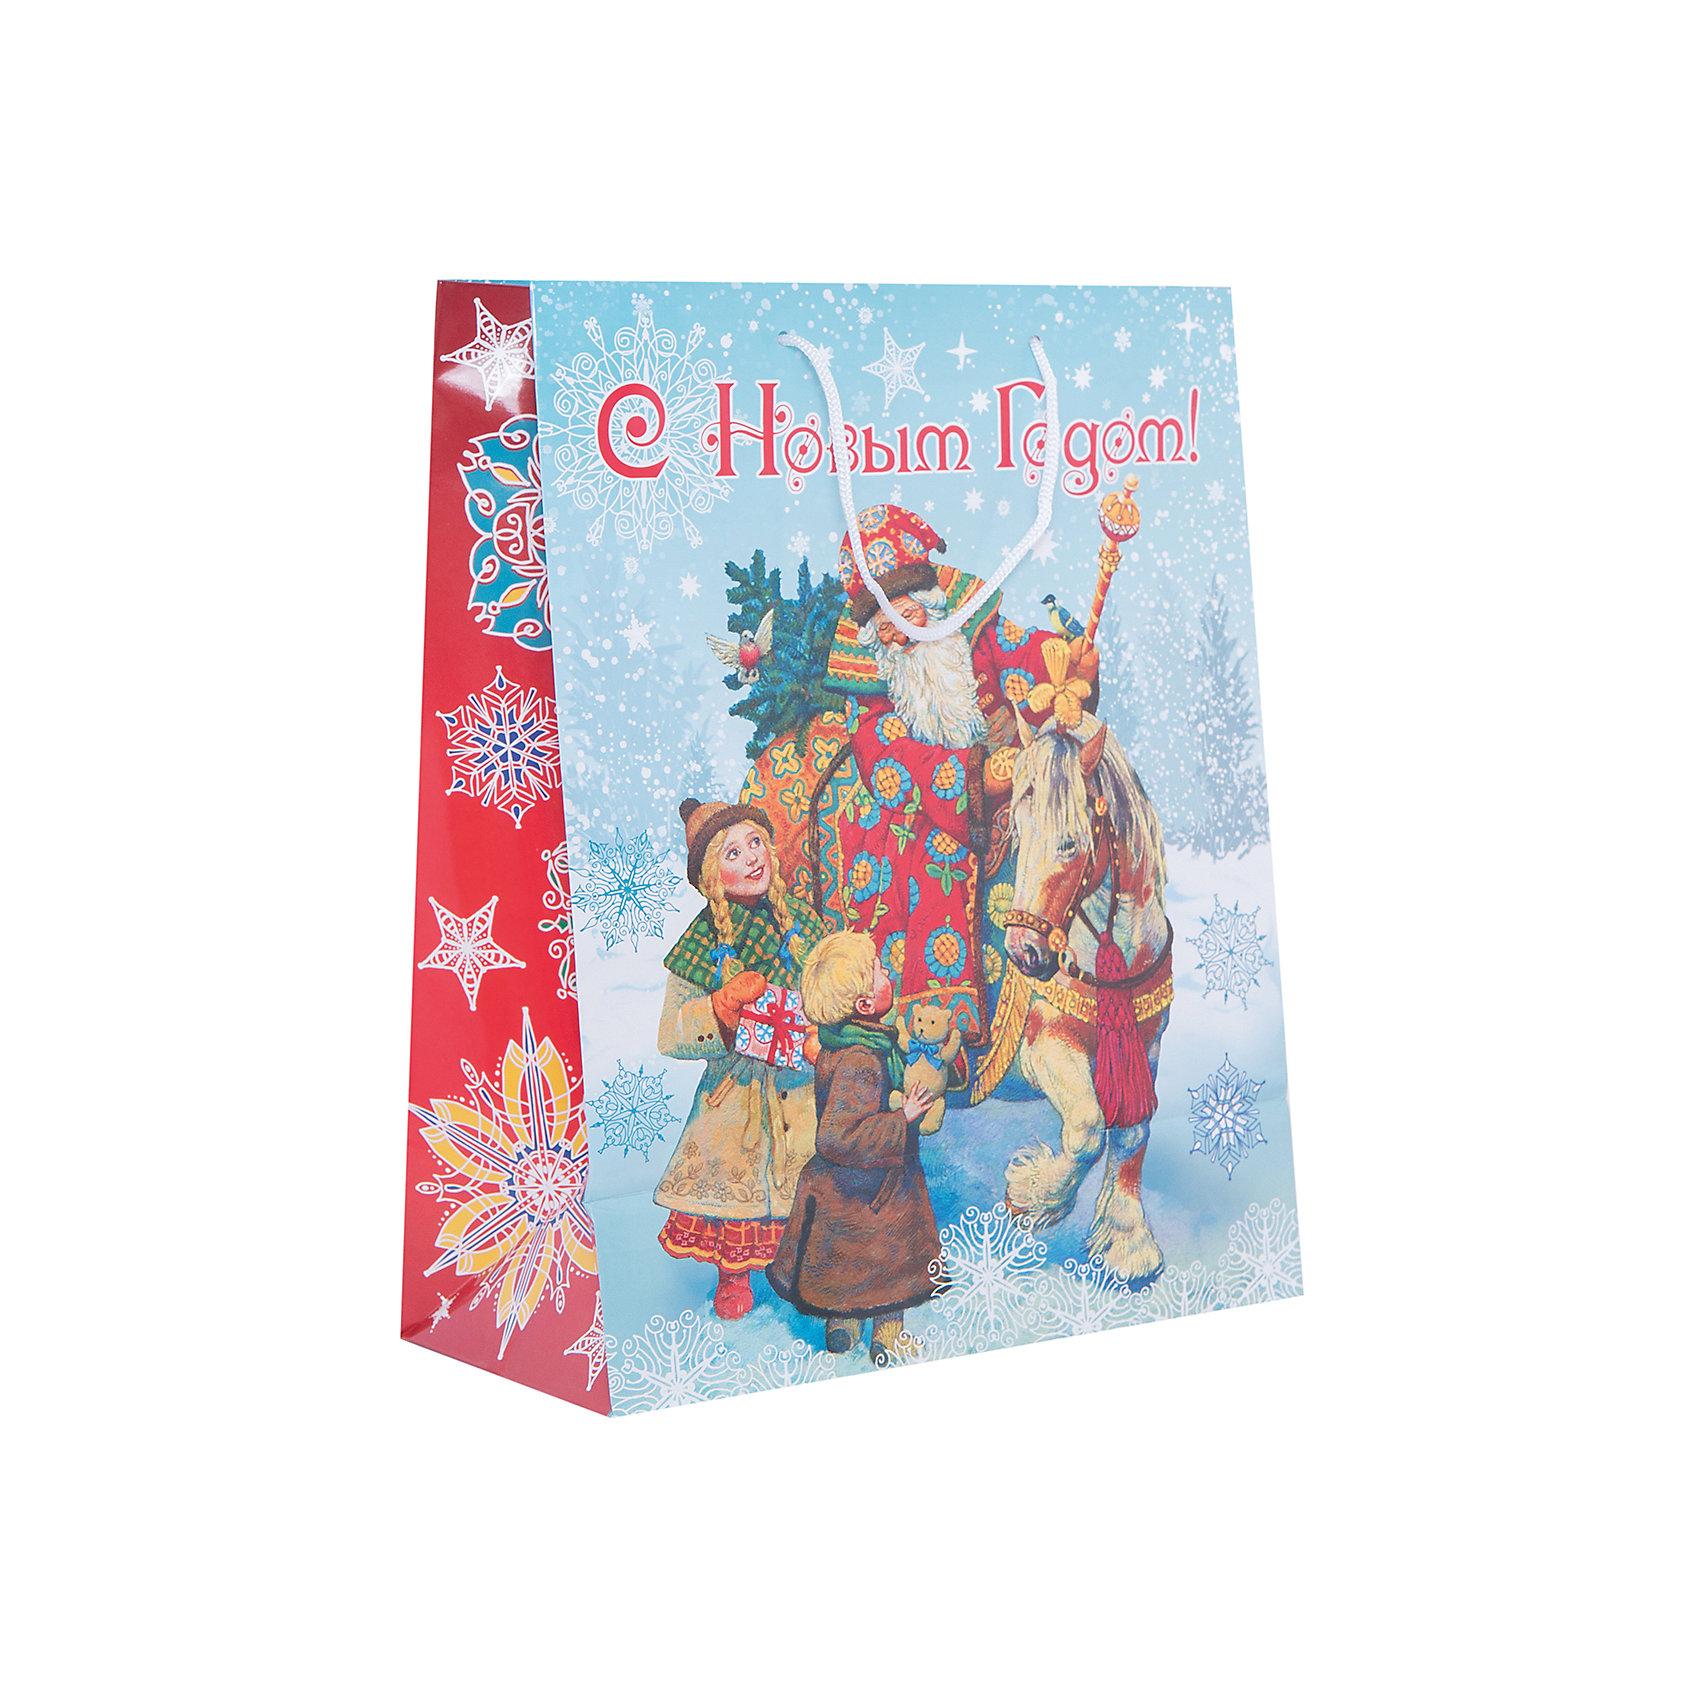 Подарочный пакет Дед Мороз и дети 26*32,4*12,7 смПриближение Нового года не может не радовать! Праздничное настроение создает украшенный дом, наряженная ёлка, запах мандаринов, предновогодняя суета и, конечно же, подарки! Чтобы сделать момент вручения приятнее, нужен красивый подарочный пакет.<br>Этот пакет украшен симпатичным универсальным рисунком, поэтому в него можно упаковать подарок и родственнику, и коллеге. Он сделан из безопасного для детей, прочного, но легкого, материала. Создайте с ним праздничное настроение себе и близким!<br><br>Дополнительная информация:<br><br>плотность бумаги: 140 г/м2;<br>размер: 26 х 32 х 13 см;<br>с ламинацией;<br>украшен рисунком.<br><br>Подарочный пакет Дед Мороз и дети 26*32,4*12,7 см можно купить в нашем магазине.<br><br>Ширина мм: 260<br>Глубина мм: 234<br>Высота мм: 127<br>Вес г: 67<br>Возраст от месяцев: 36<br>Возраст до месяцев: 2147483647<br>Пол: Унисекс<br>Возраст: Детский<br>SKU: 4981587